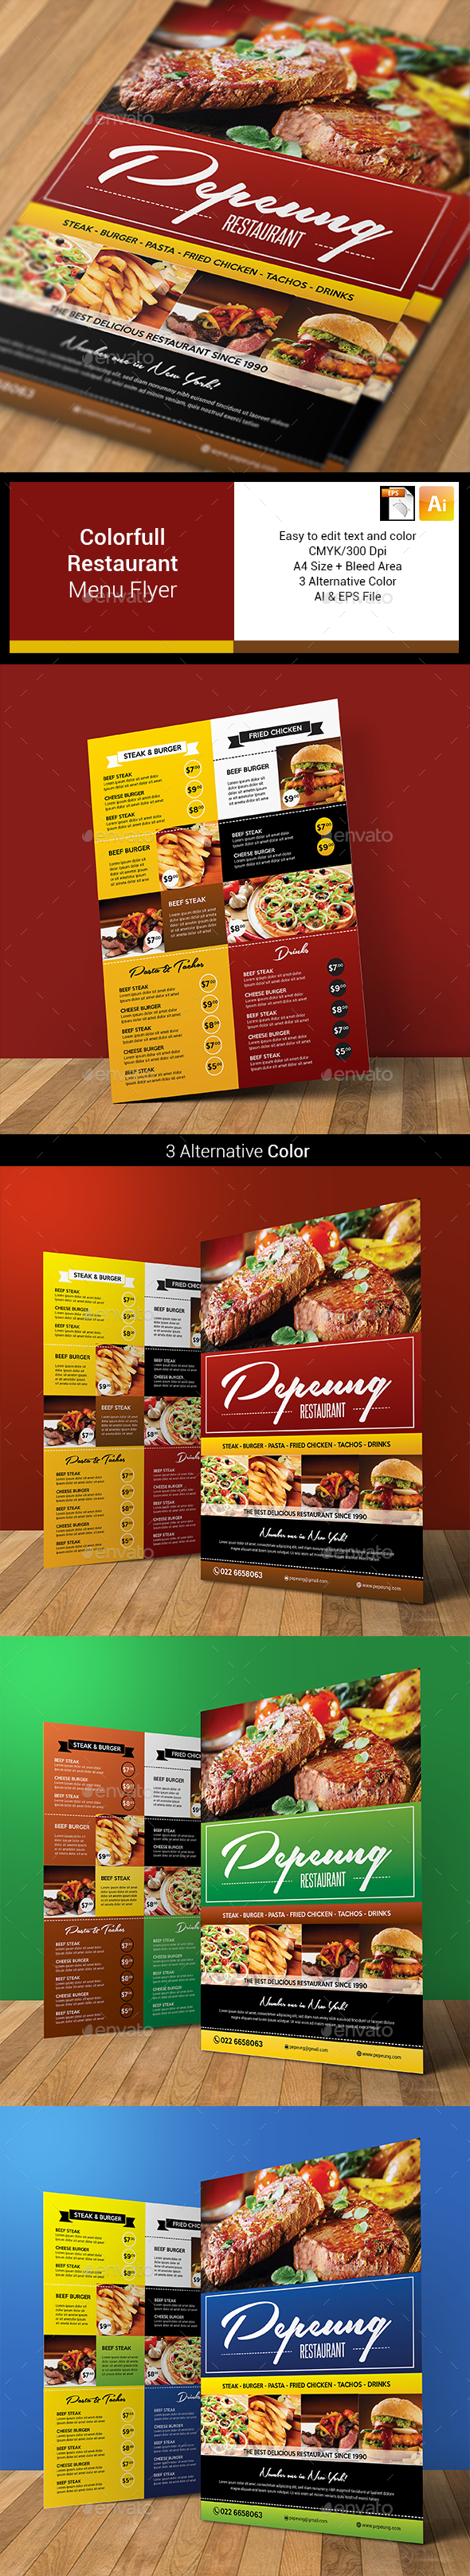 Colorfull Restaurant Menu Flyer - Food Menus Print Templates